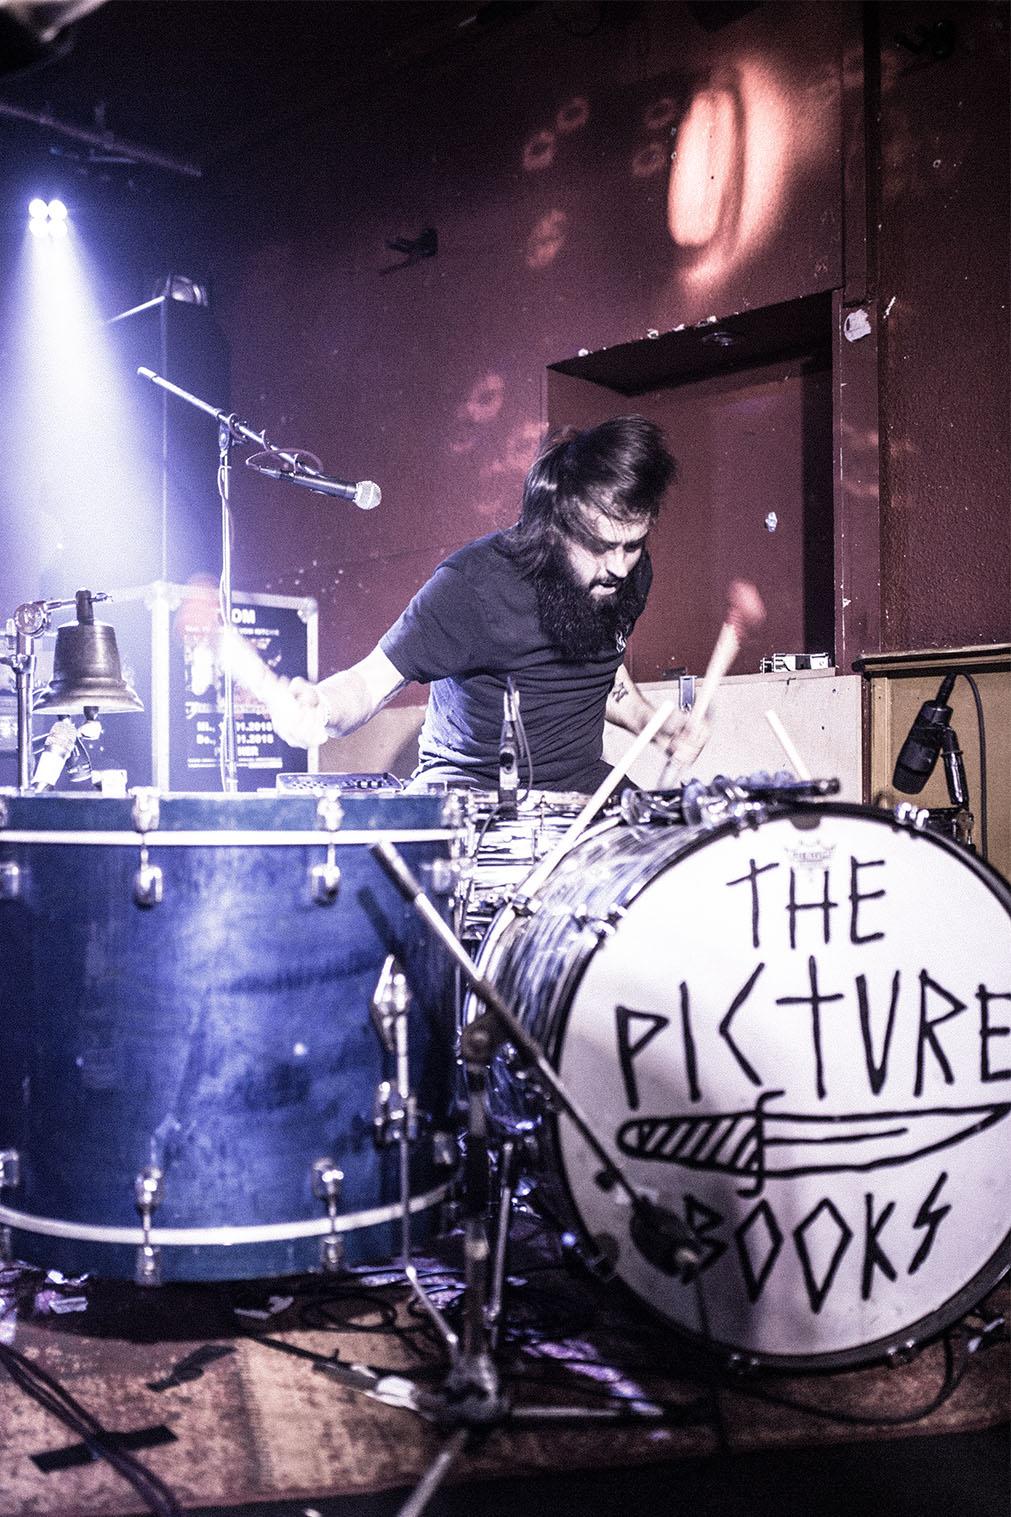 The Picturebooks - Live im Pitcher Düsseldorf